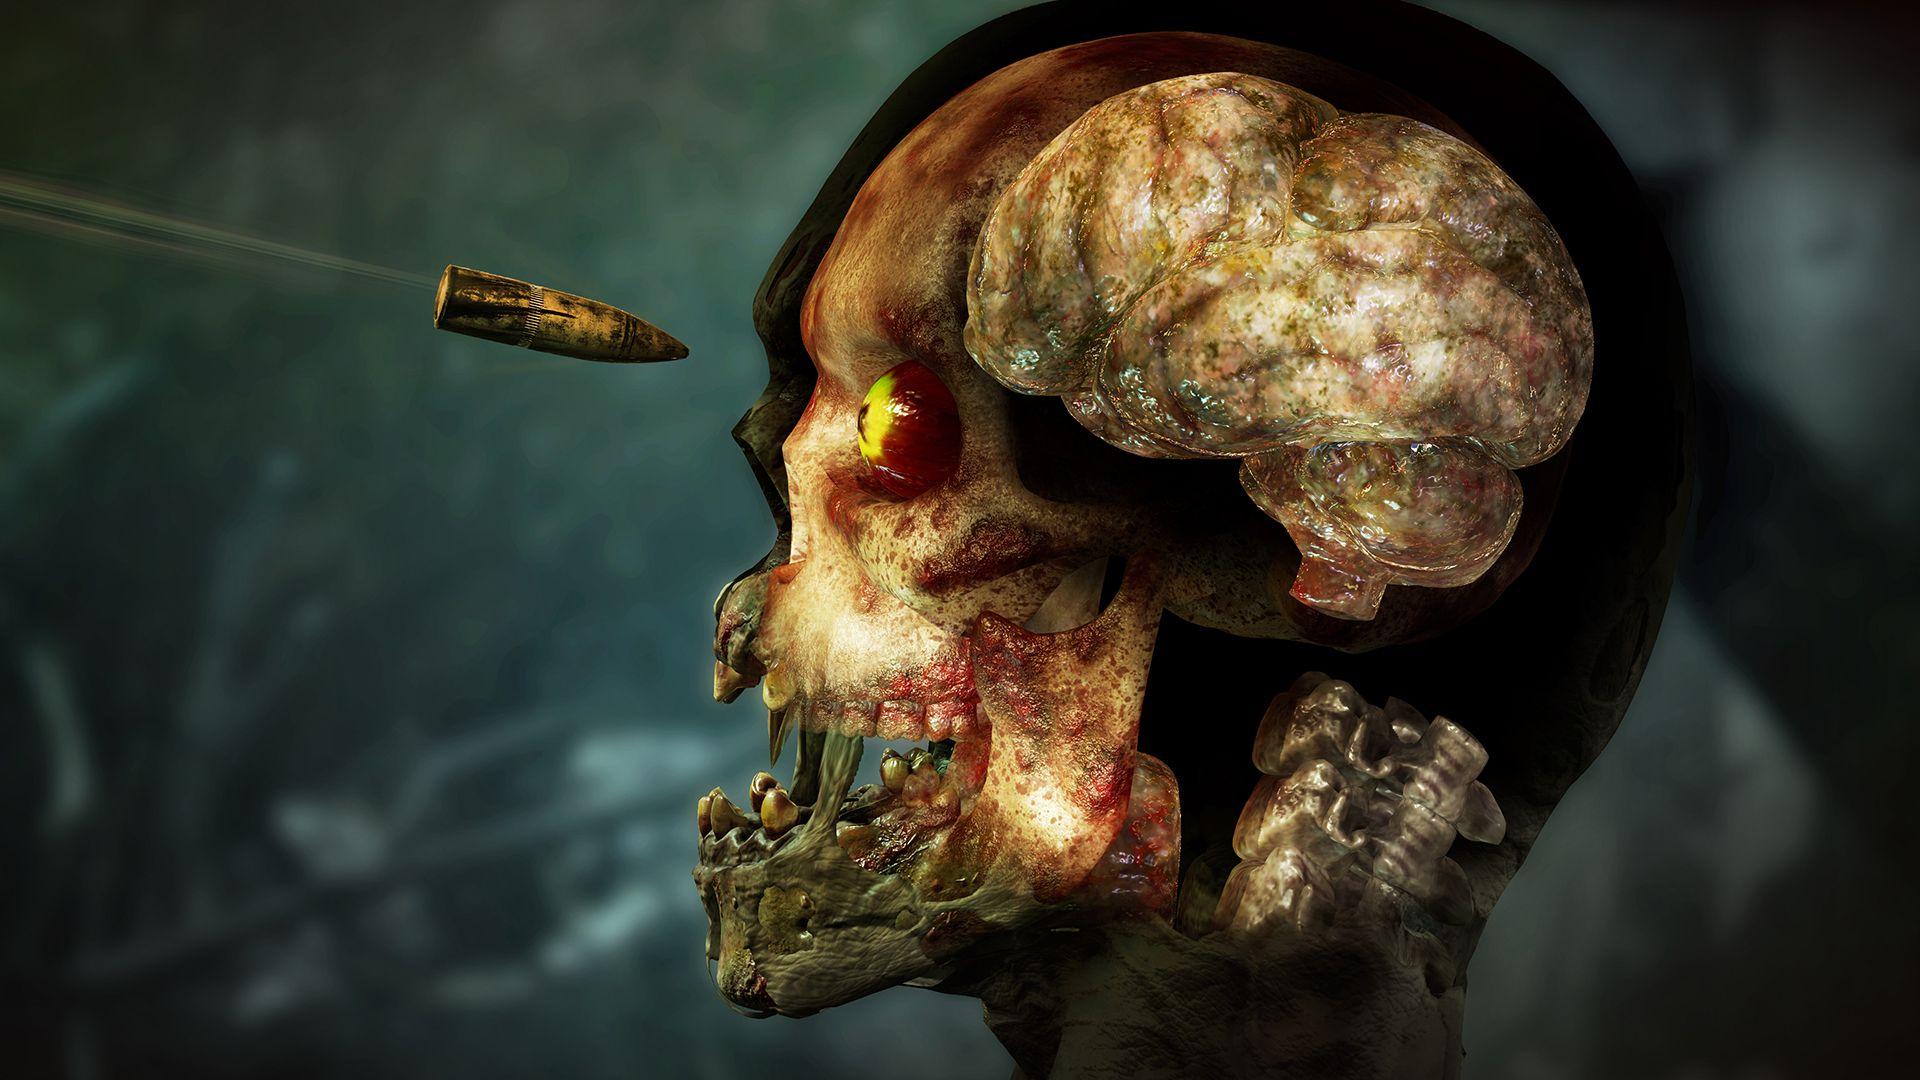 さらに進化したキルカメラと四肢内臓炸裂